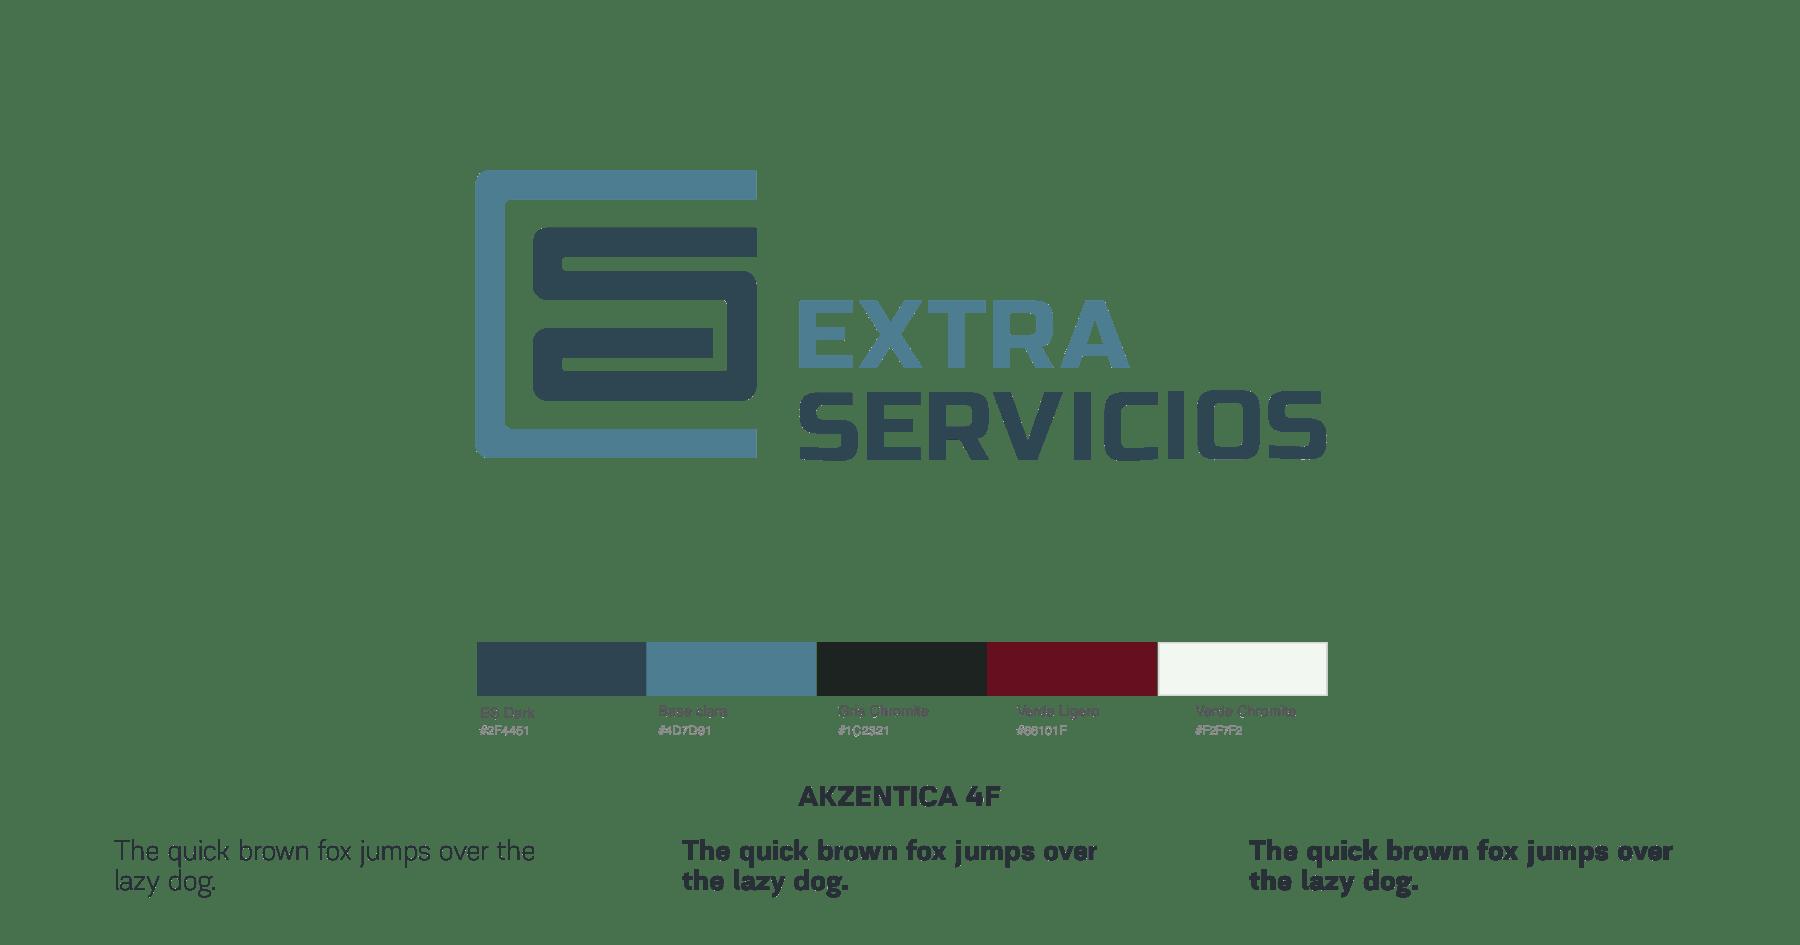 ES logo, colors and fonts